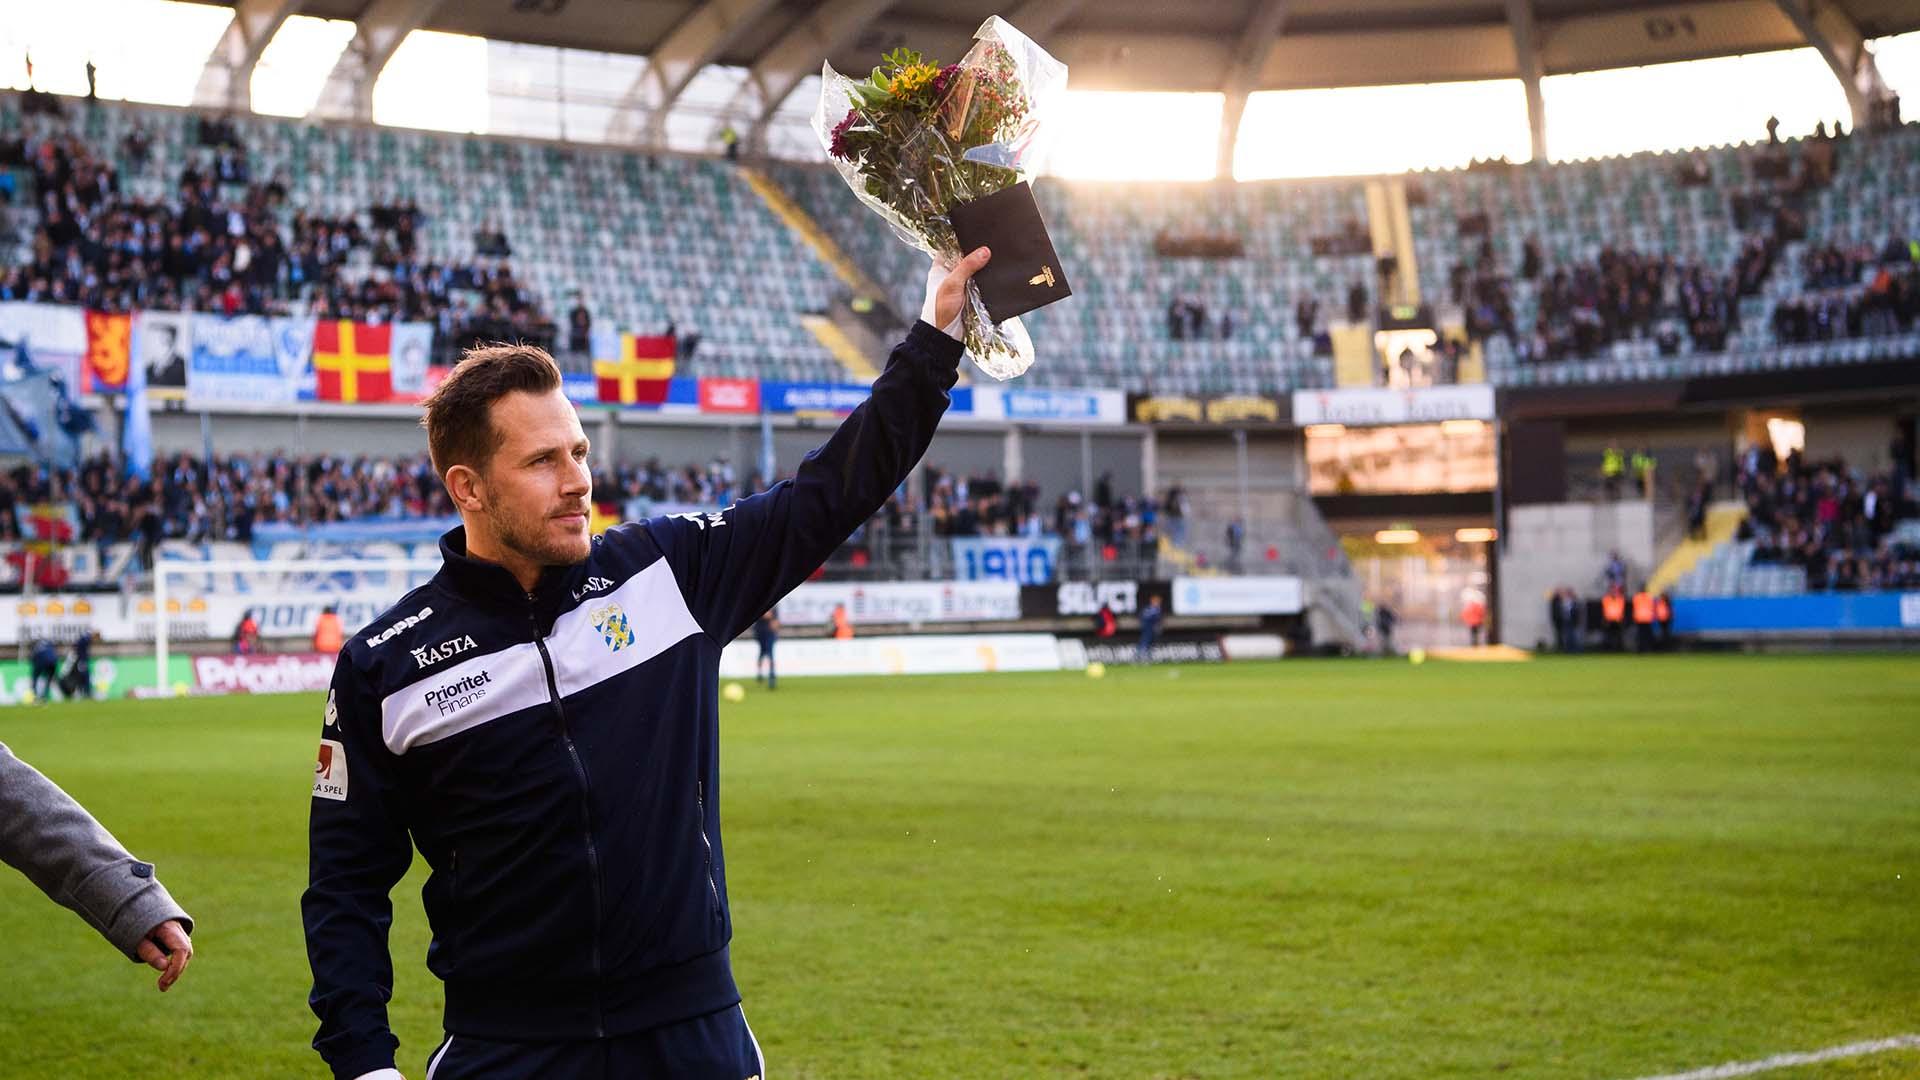 181104 IFK Göteborgs Tobias Hysén tackas av inför fotbollsmatchen i Allsvenskan mellan IFK Göteborg och Malmö FF den 4 november 2018 i Göteborg. Foto: Carl Sandin / BILDBYRÅN / kod CS / 57999_407